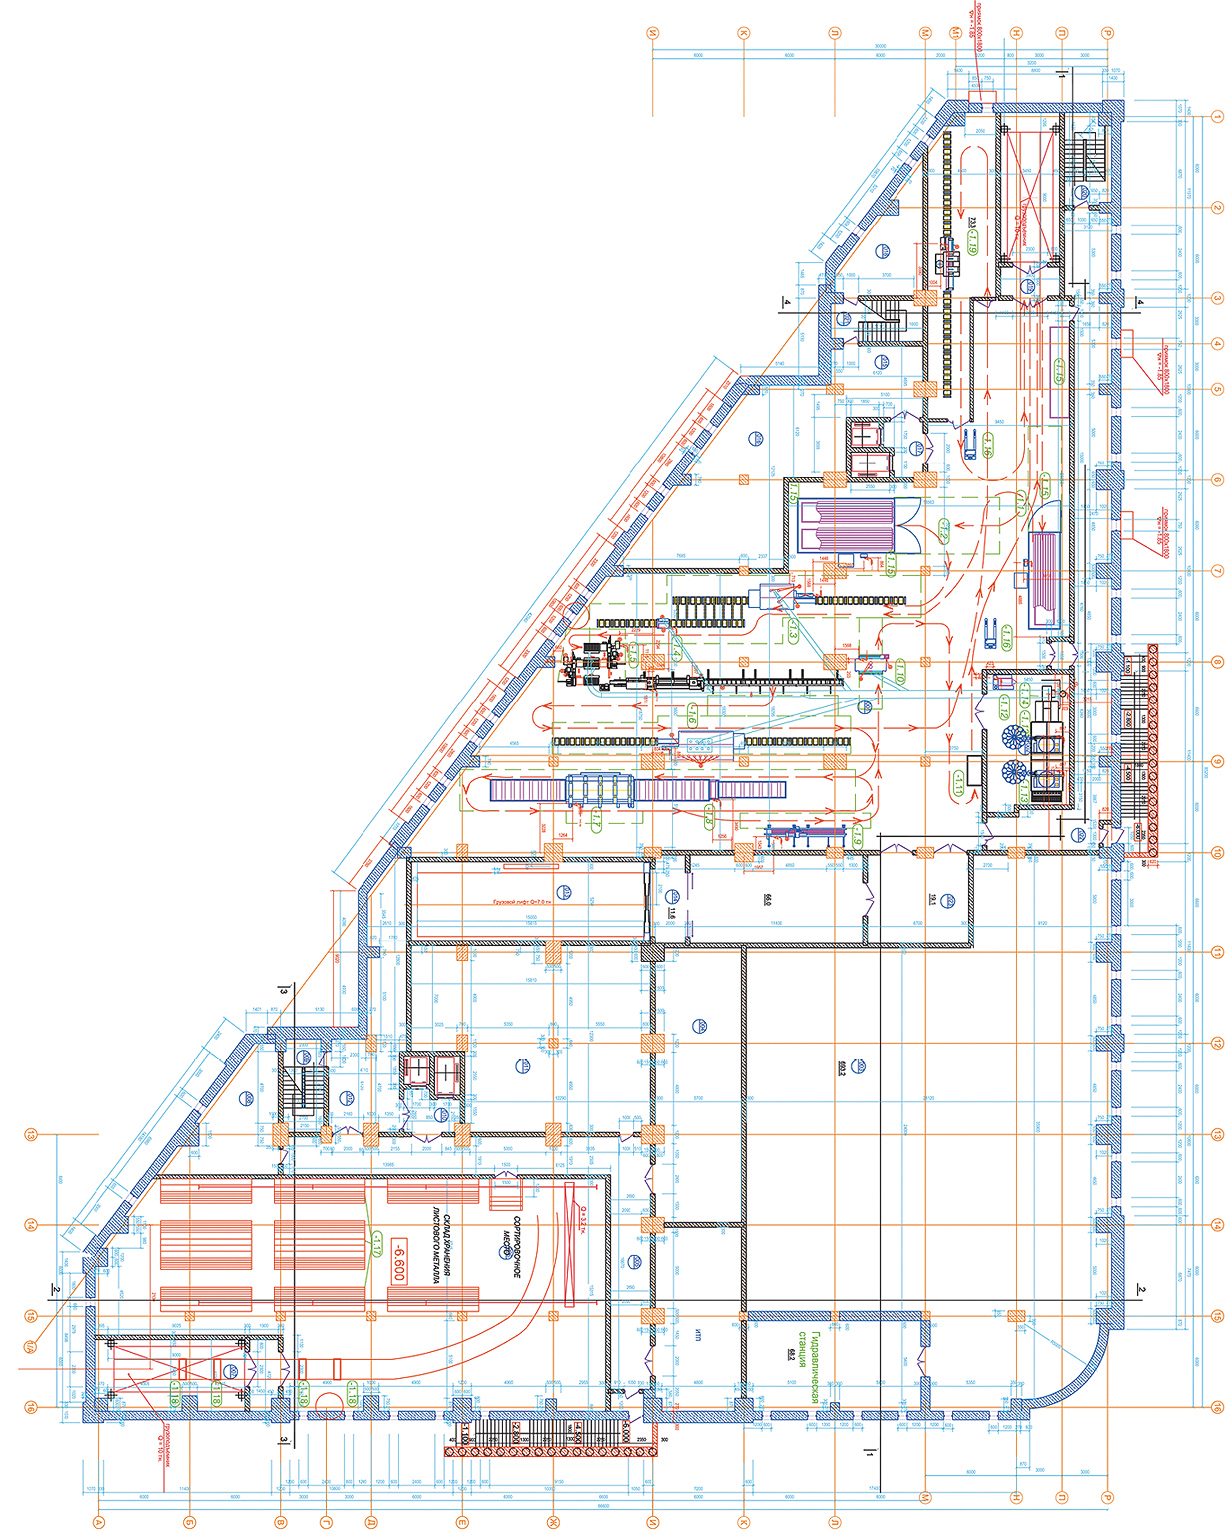 План одного из этажей, где разместятся деревообрабатывающие, металлообрабатывающие и прочие мастерские, разработанные ГК «Глобал Эдж»